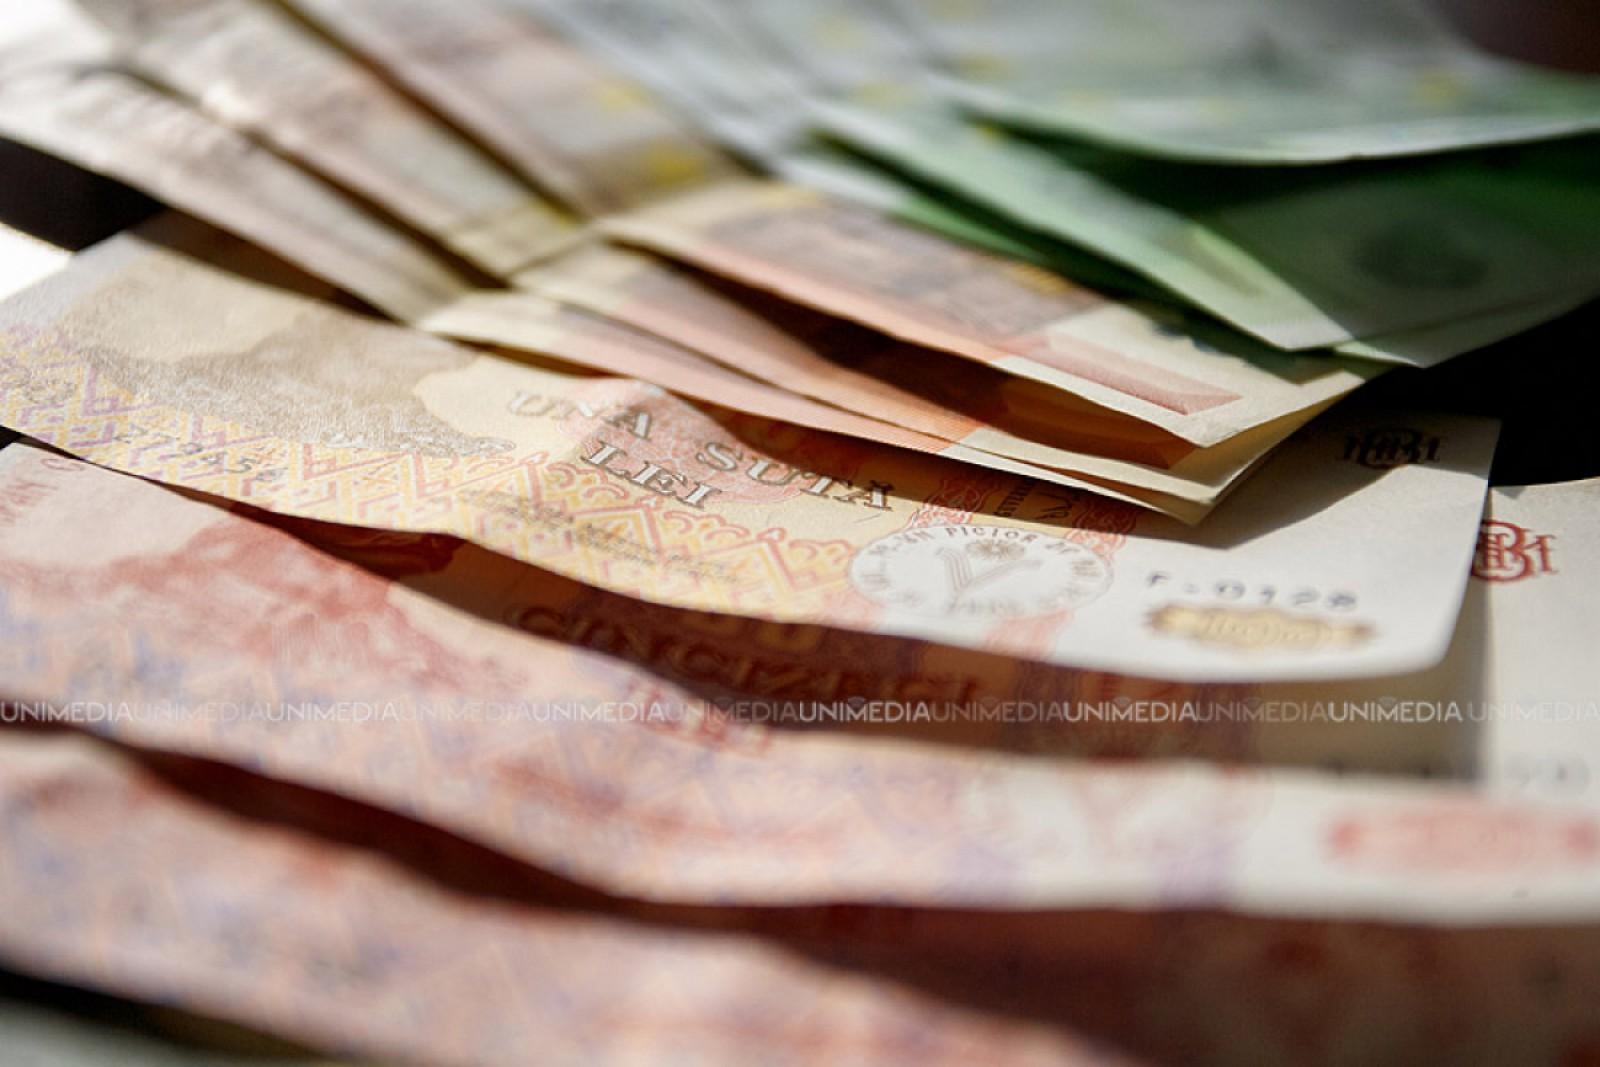 Mold-street: Criză de bani la Buget. De ce 29 de companii cu capital de stat vor fi scutite de plata dividendelor